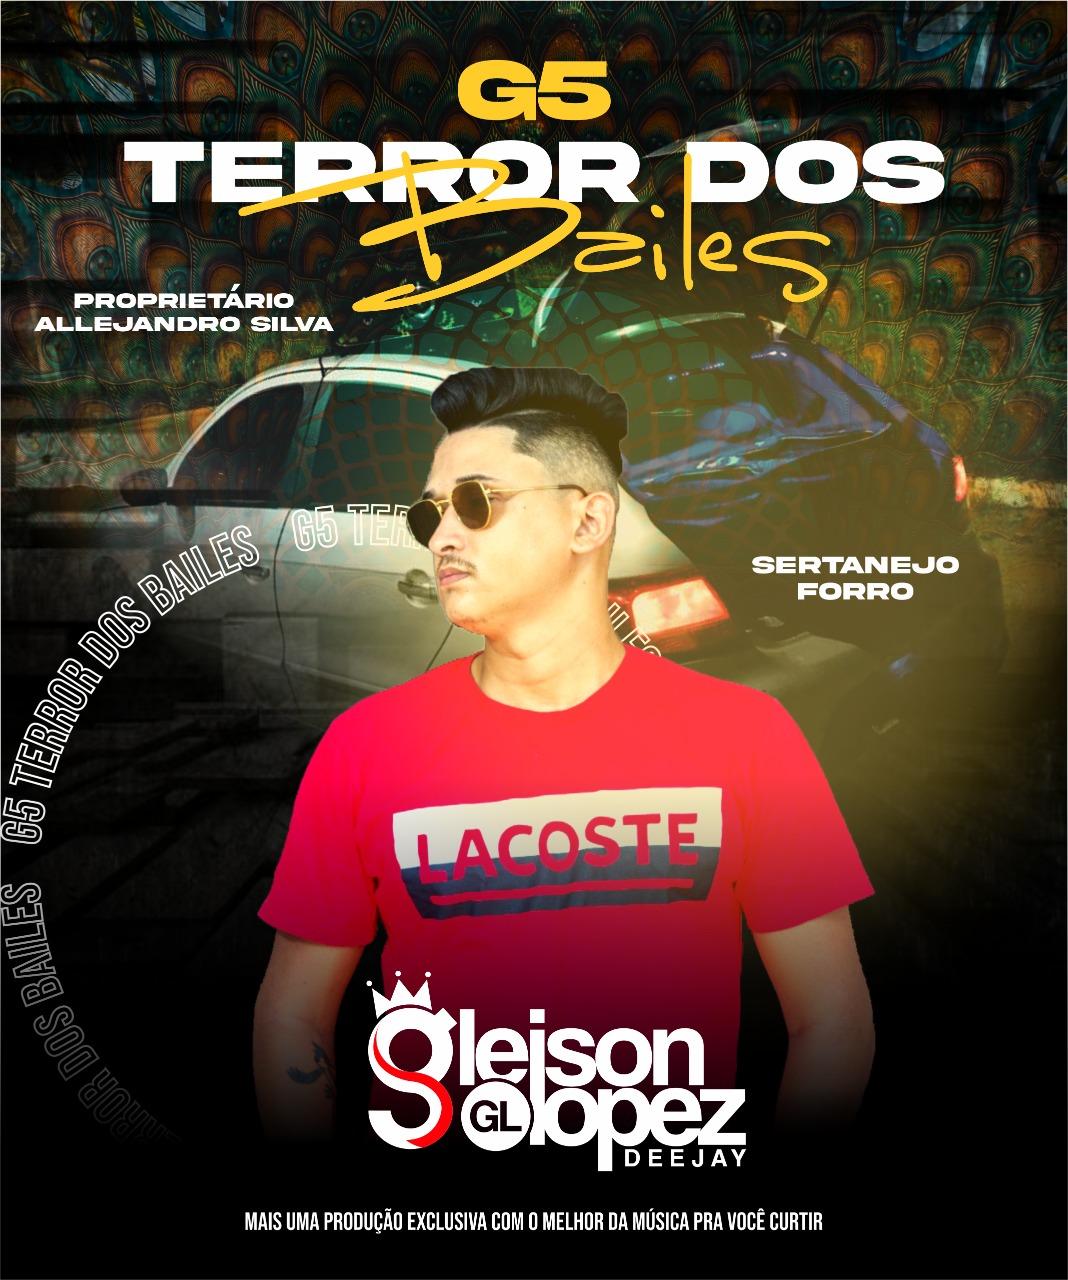 G5 Terror dos Bailes - Gleison Lopez